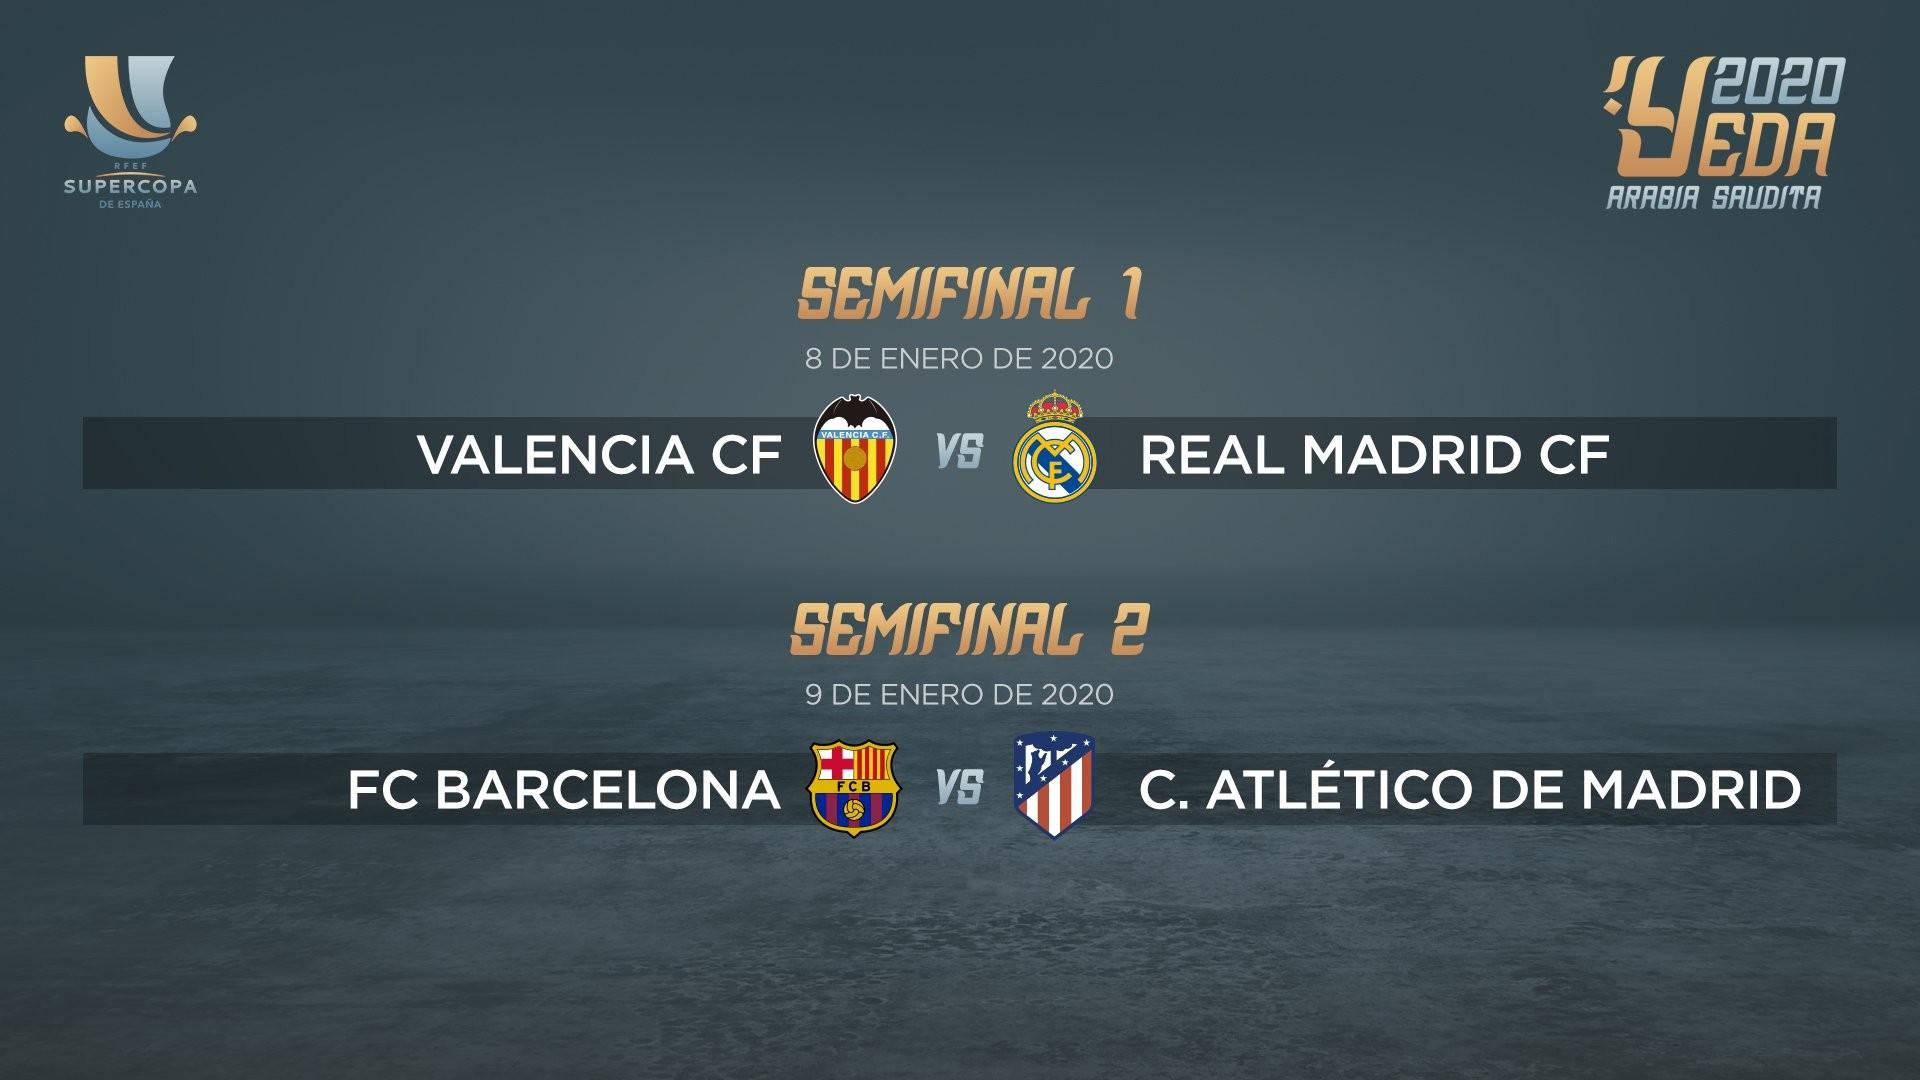 皇马对马竞 西班牙超级杯对阵出炉:瓦伦vs皇马,巴萨vs马竞